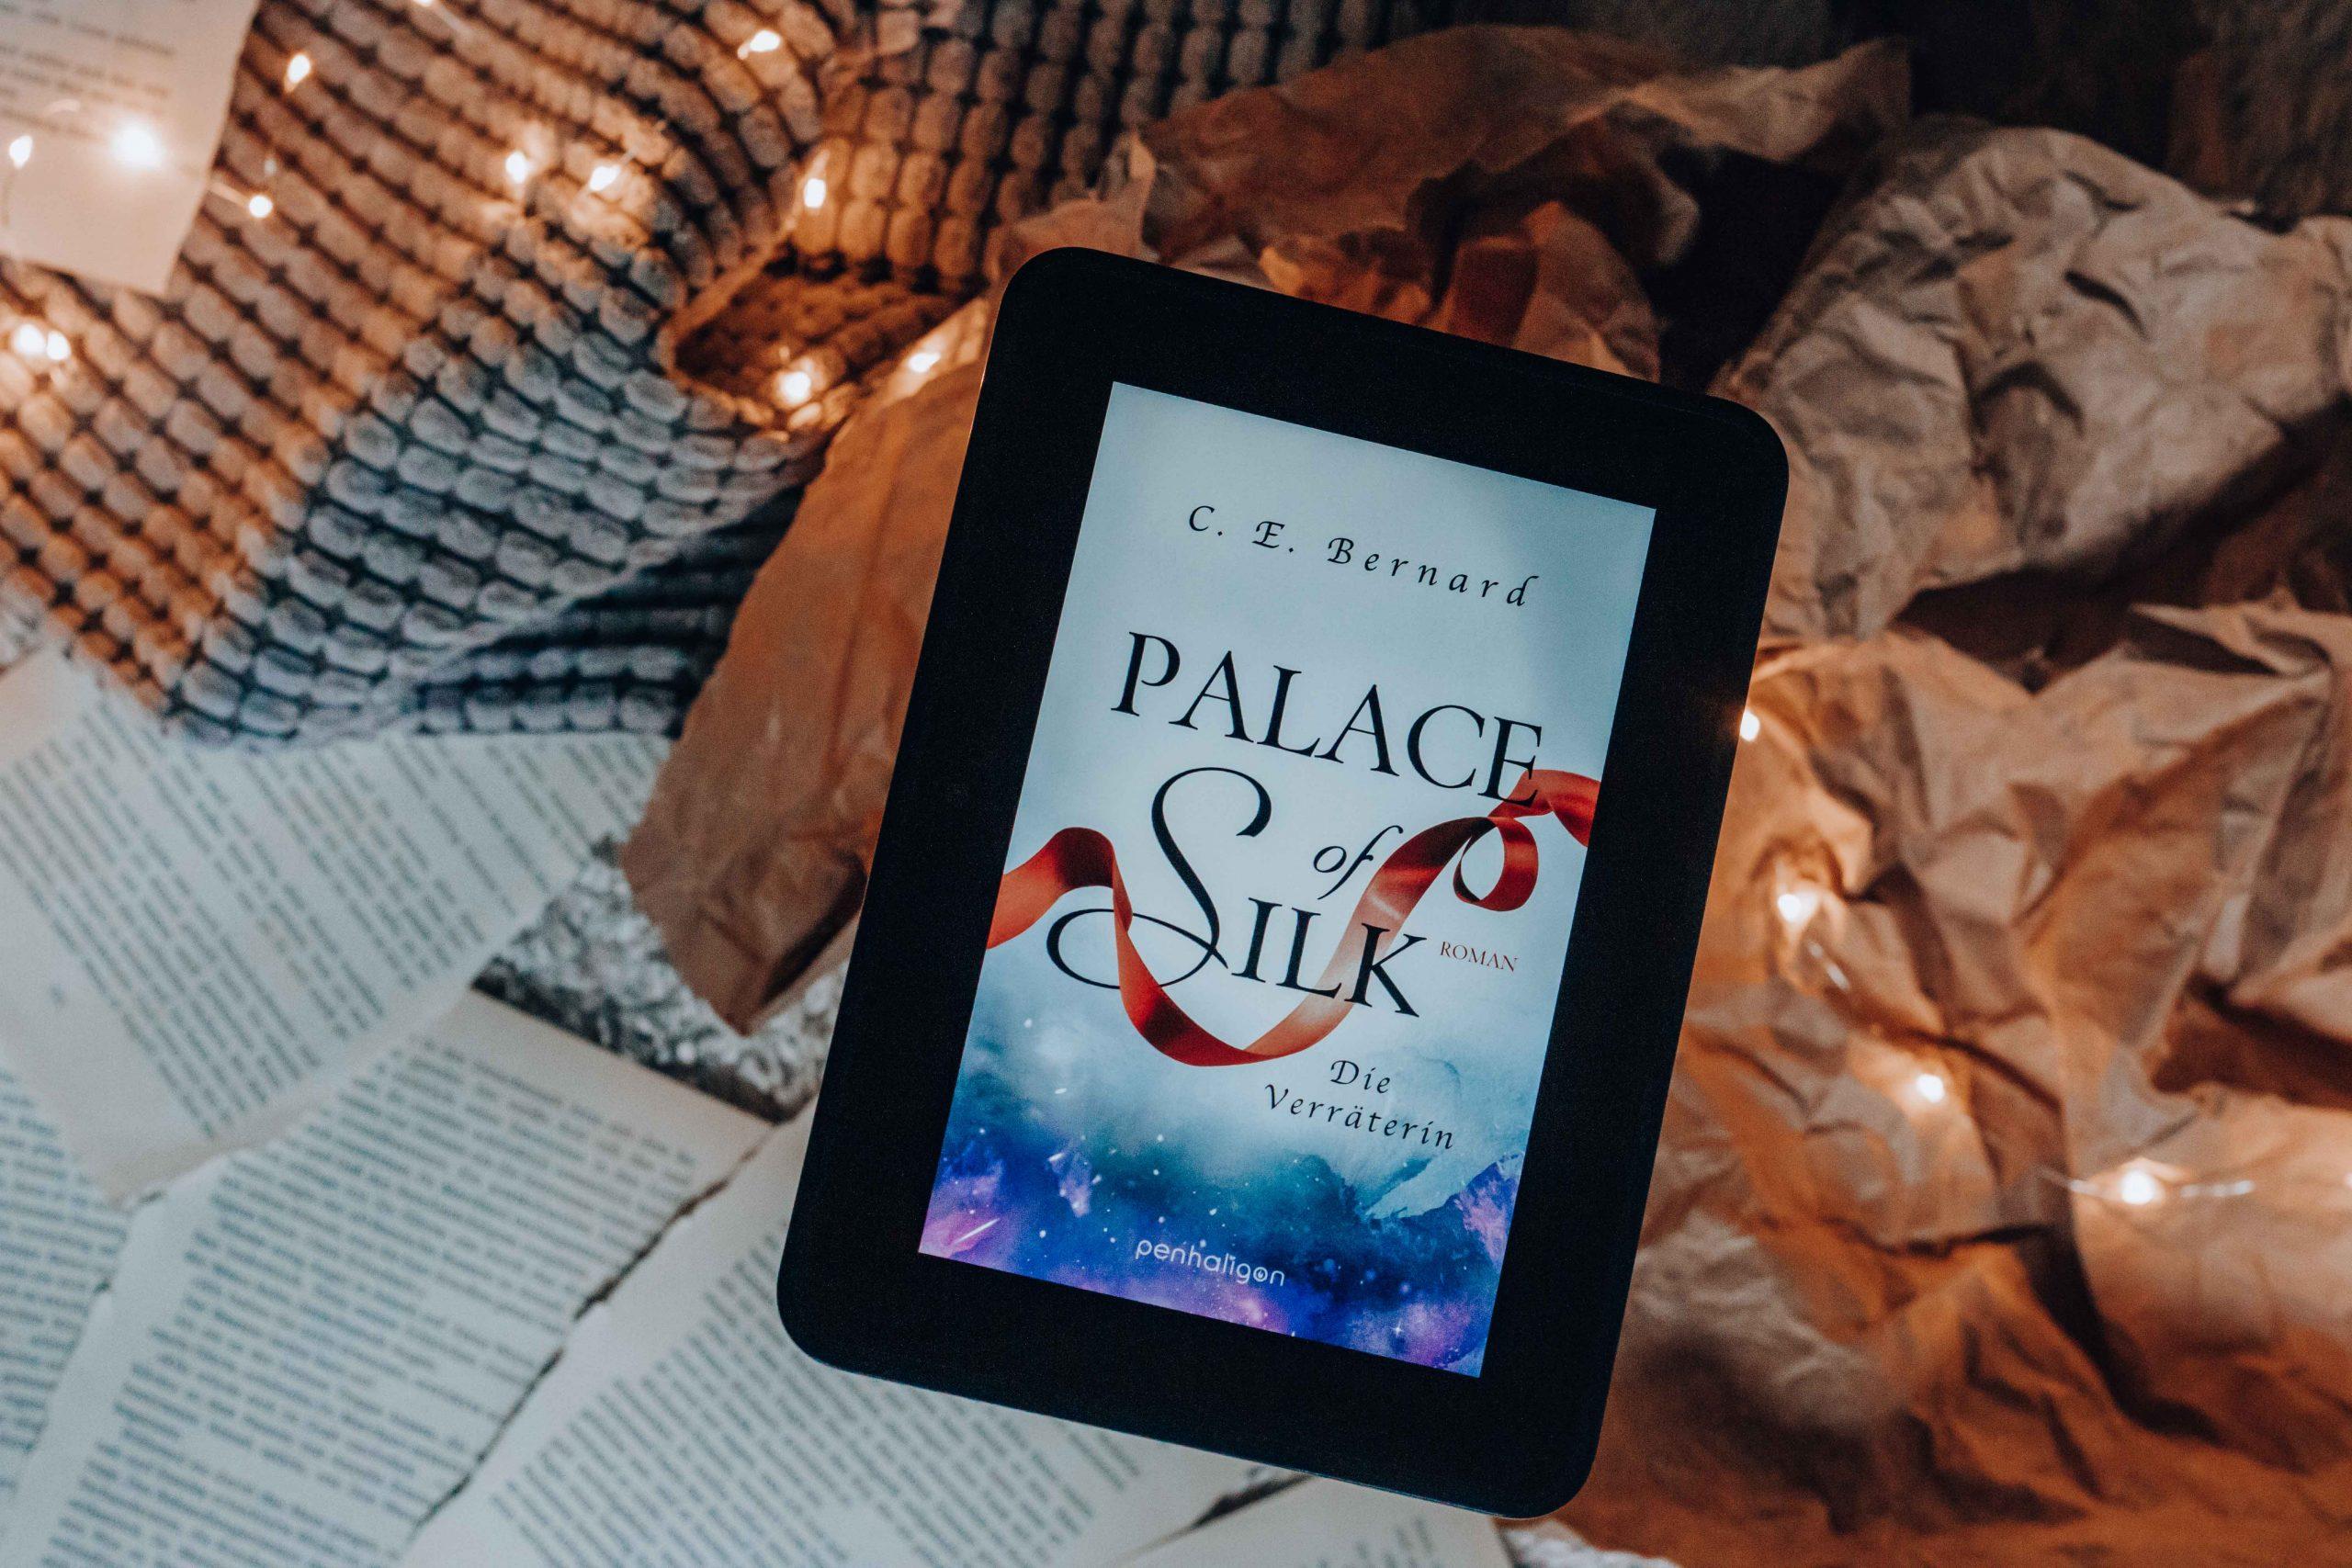 Palace of Silk – Die Verräterin   C.E. Bernard